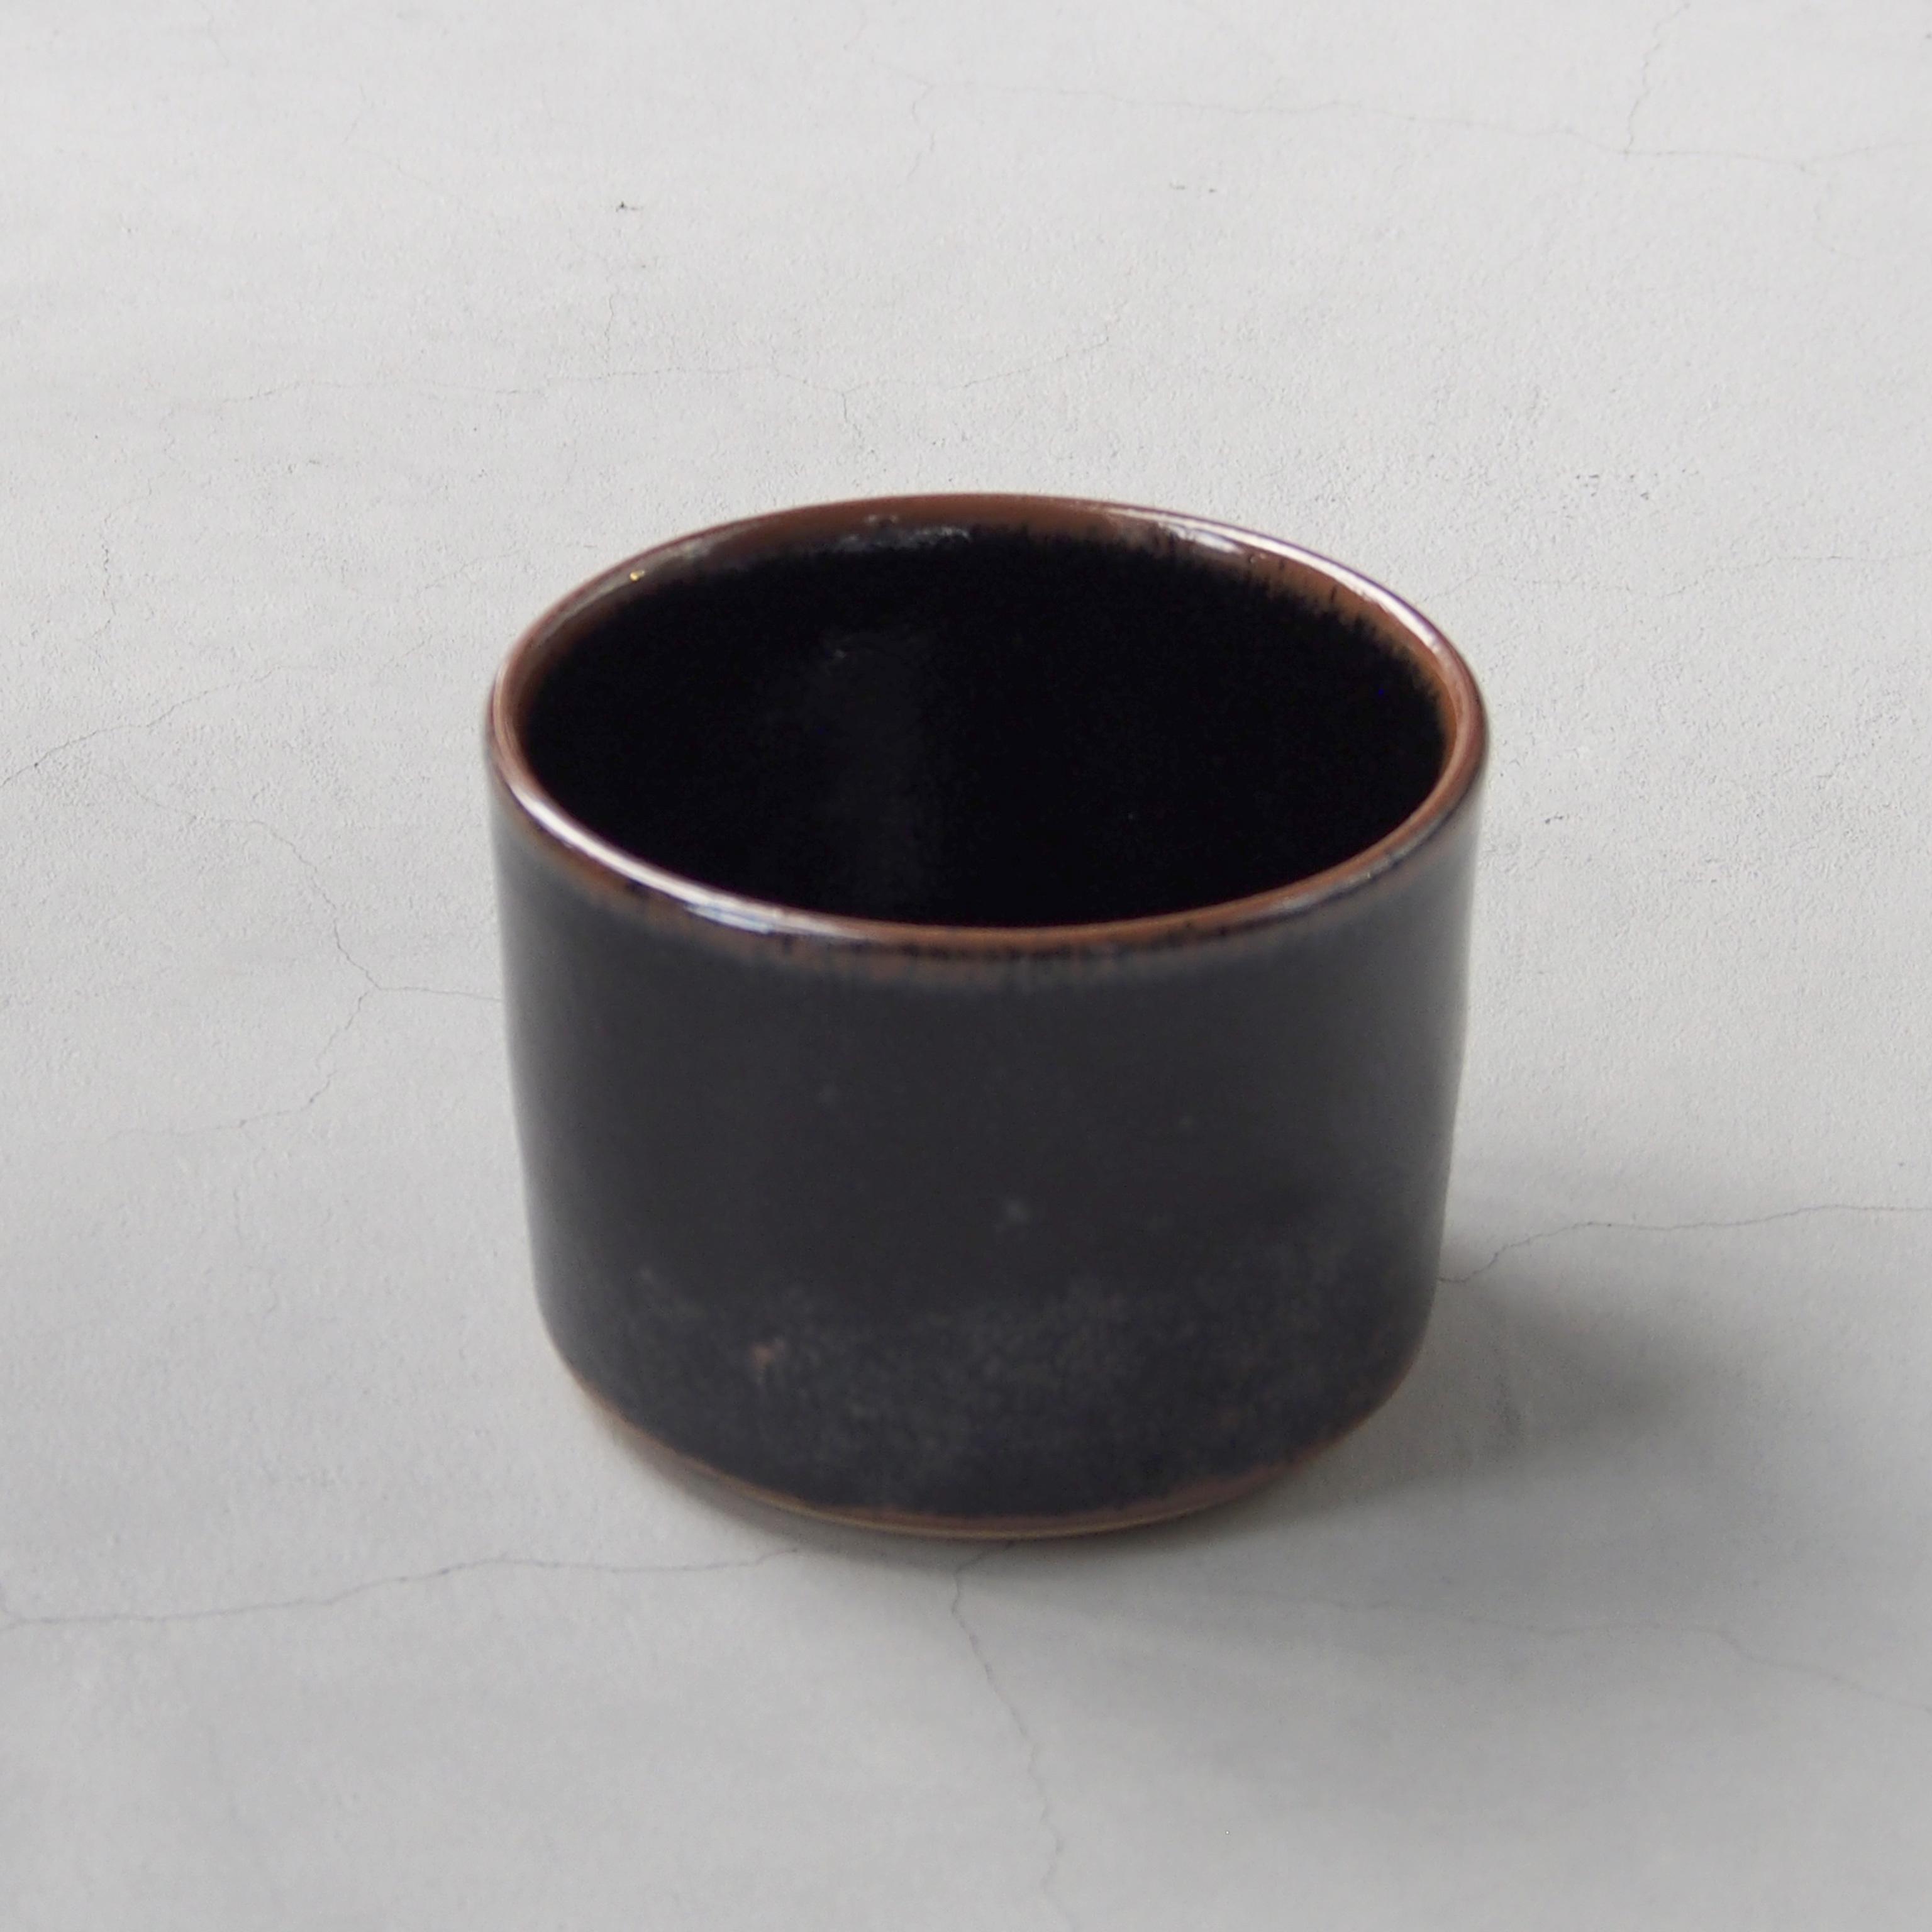 出西窯 深切立鉢4寸 黒